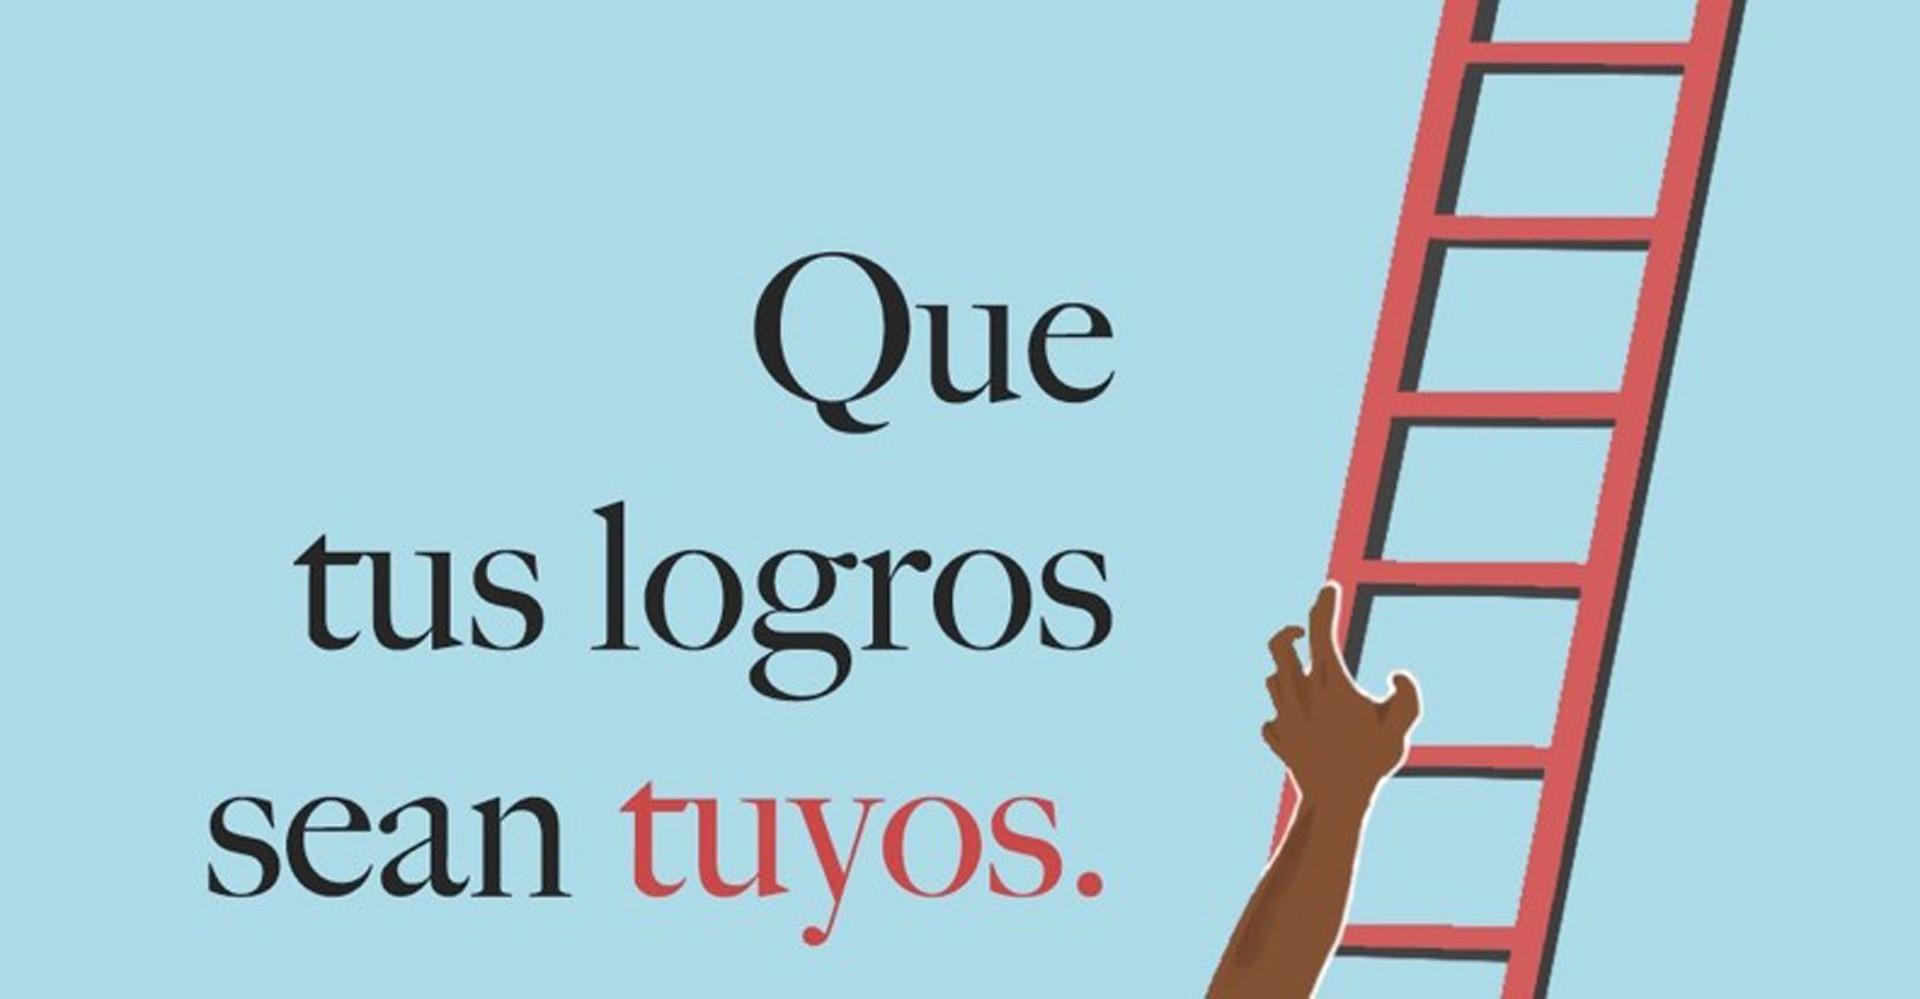 Cartel Que tus logros sean tuyos de la celebración contra el día mundial contra la compra venta de tareas del Programa de Integridad Académica del Tec de Monterrey